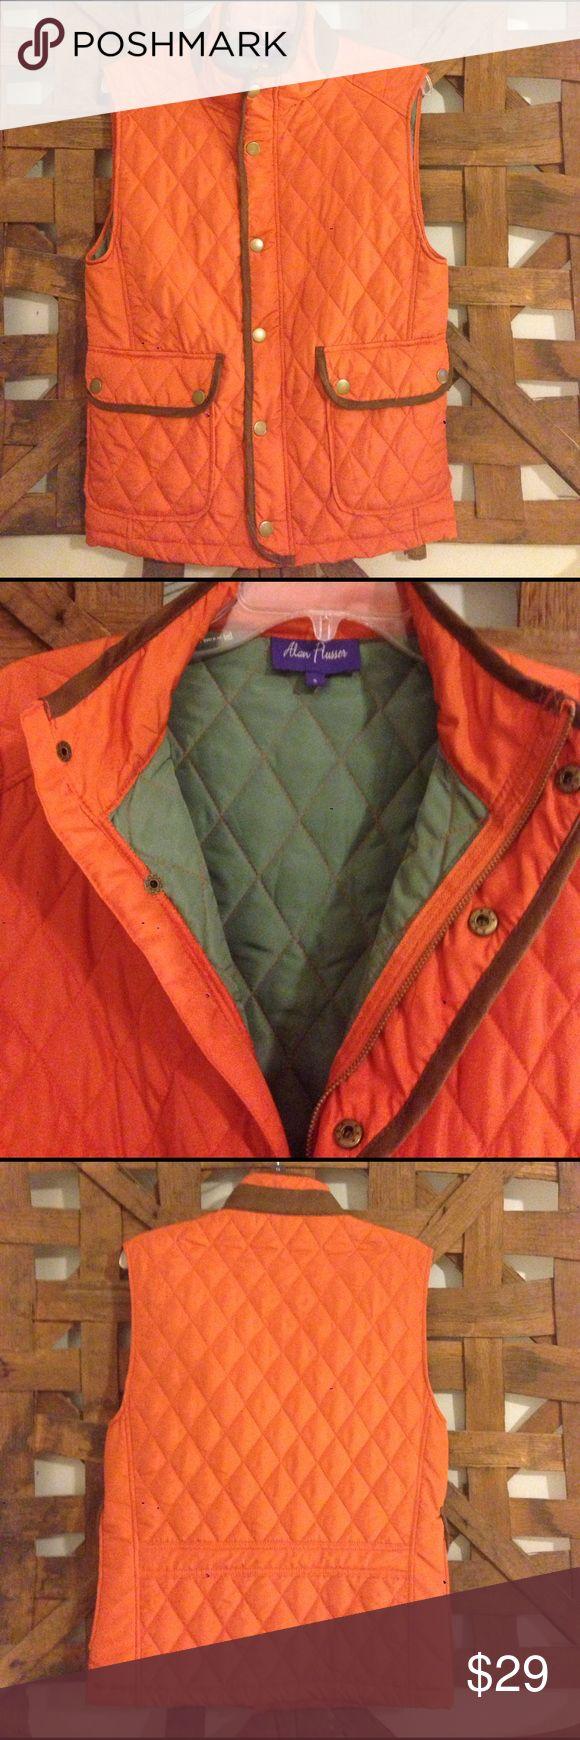 Alan Flusser Men's Quilted Vest Alan Flusser Vest, men's size S. Great color combination, New never worn. Alan Flusser Jackets & Coats Vests